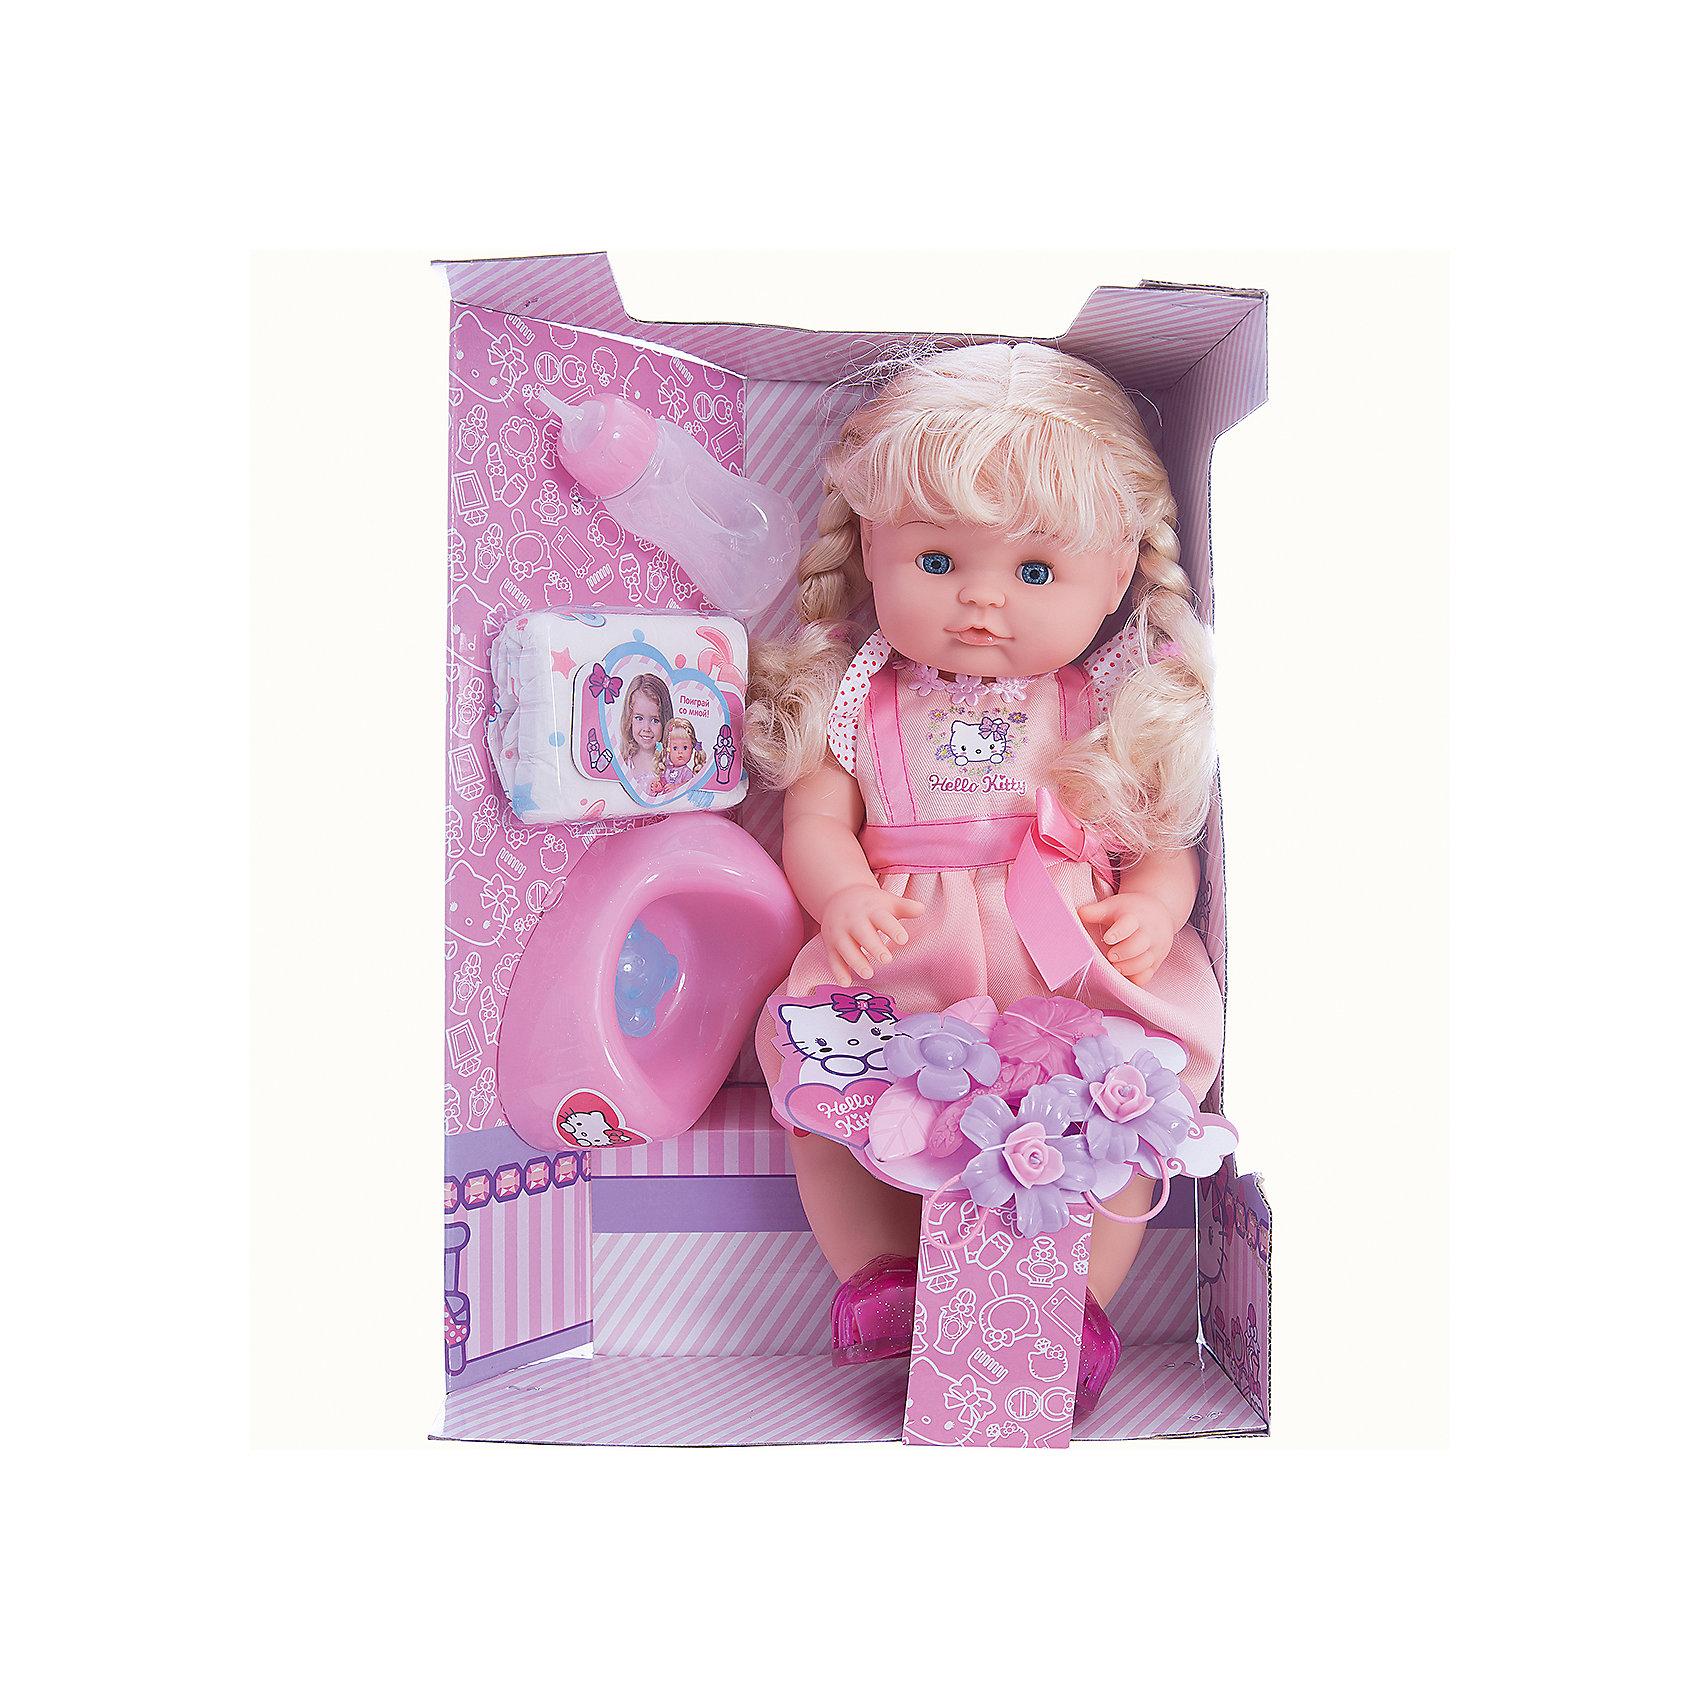 Кукла Hello Kitty, 40 см, 3 функции, КарапузПопулярные игрушки<br>Порадовать девочку просто - подарите ей такую куклу. С её помощью девочка будет осваивать базовые навыки общения, ухода за собой и заботы о других.<br>Изделие представляет собой симпатичную куклу с хорошей детализацией из прочного пластика. Она умеет пить и писать, поэтому к ней прилагаются горшок, бутылочка и памперс! Изделие произведено из качественных материалов, безопасных для ребенка.<br><br>Дополнительная информация:<br><br>цвет: разноцветный;<br>материал: пластик, текстиль;<br>комплектация: кукла, одежда, горшок, бутылочка и памперс;<br>размер упаковки: 160 x 390 x 280 мм.<br><br>Куклу Hello Kitty, 40 см, 3 функции, от бренда Карапуз можно купить в нашем магазине.<br><br>Ширина мм: 160<br>Глубина мм: 390<br>Высота мм: 280<br>Вес г: 1230<br>Возраст от месяцев: 36<br>Возраст до месяцев: 2147483647<br>Пол: Женский<br>Возраст: Детский<br>SKU: 5002241